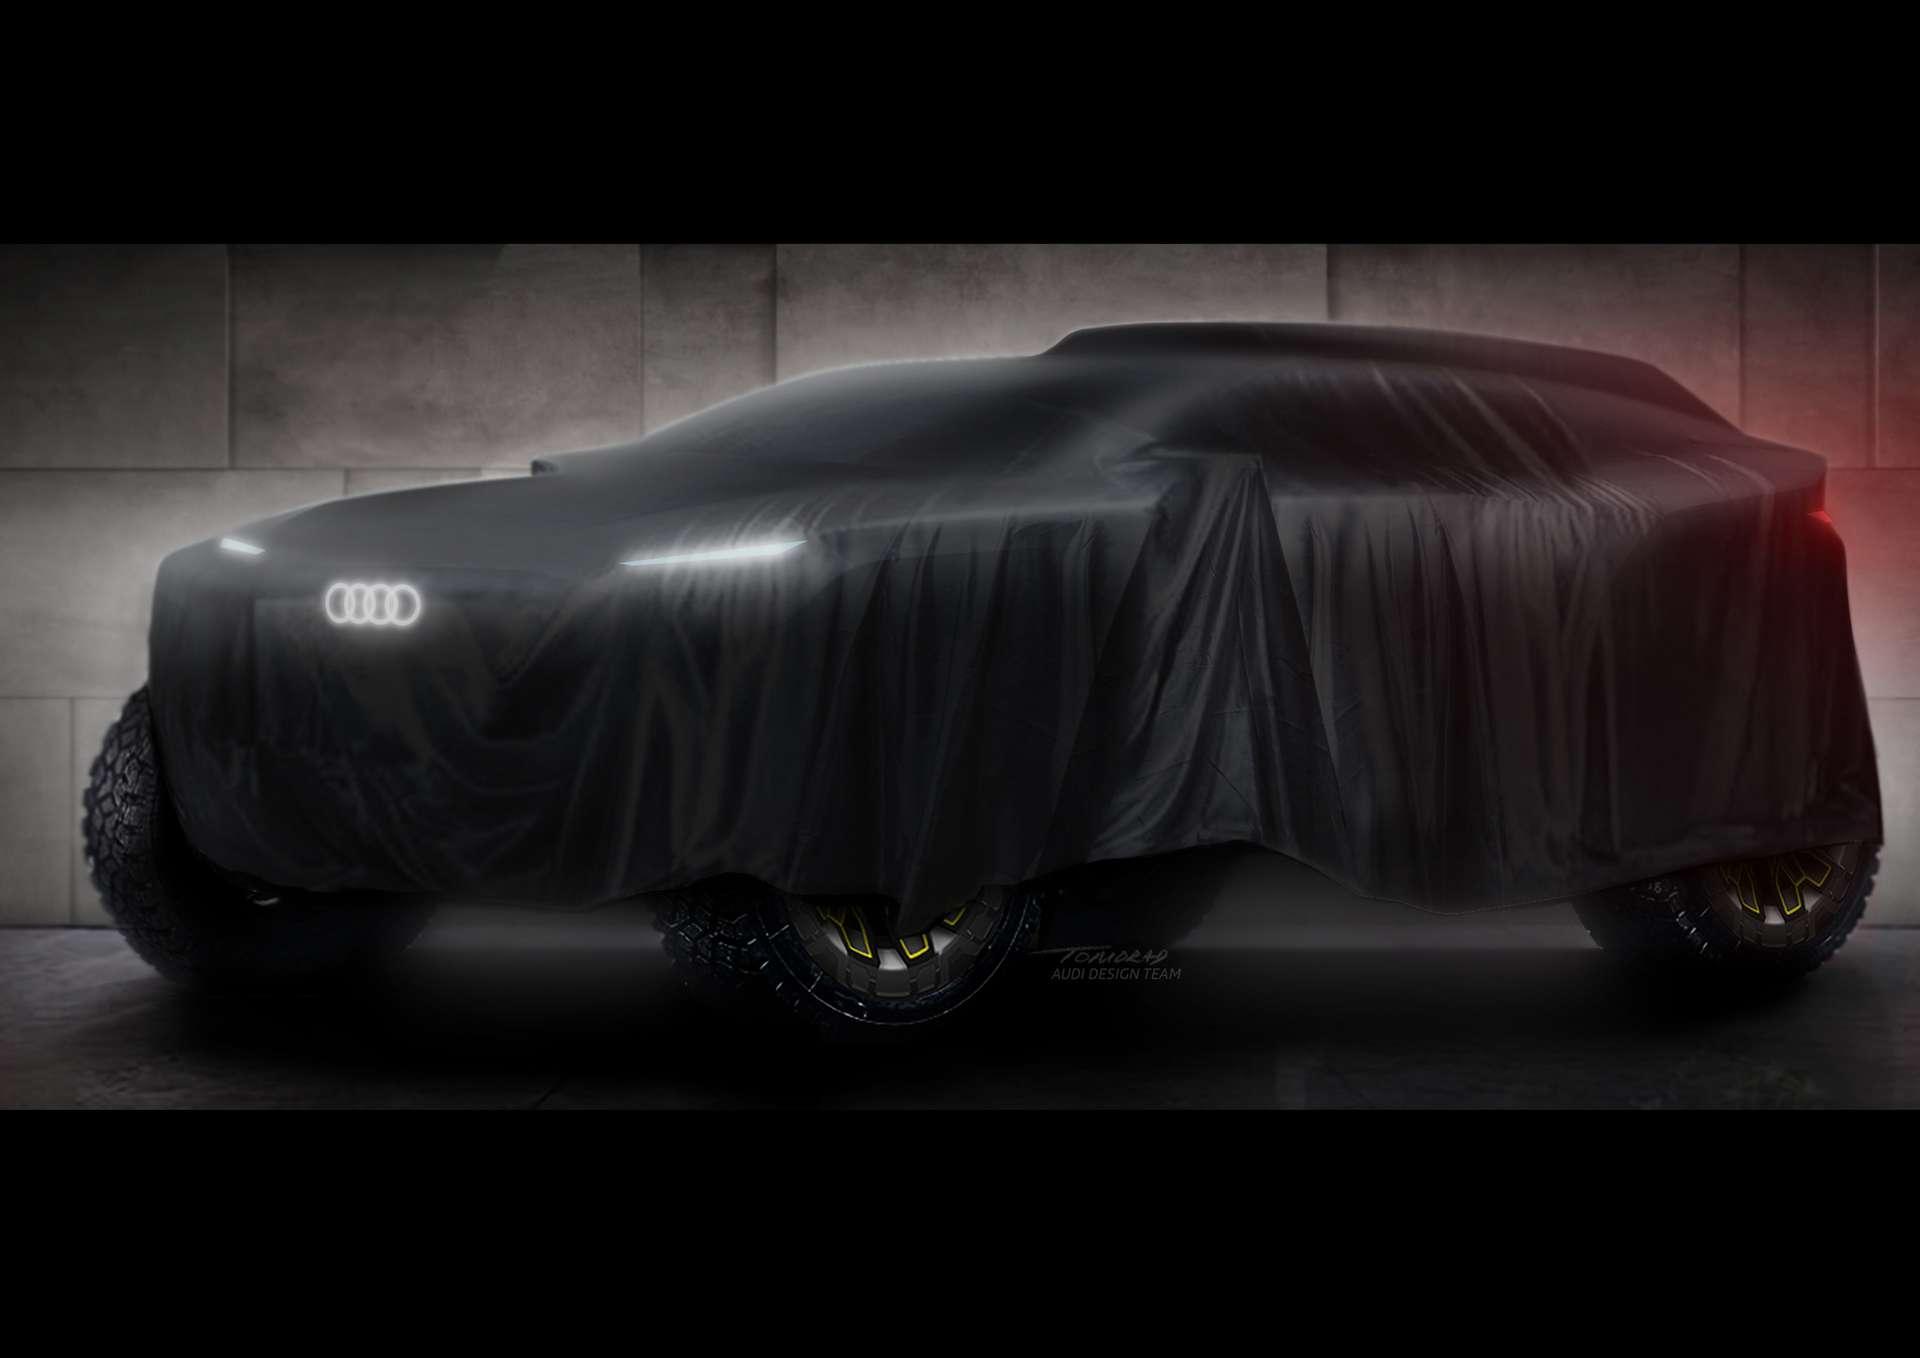 Le prototype de tout-terrain électrique qu'Audi compte aligner au Dakar 2022 est encore bien mystérieux. © Audi